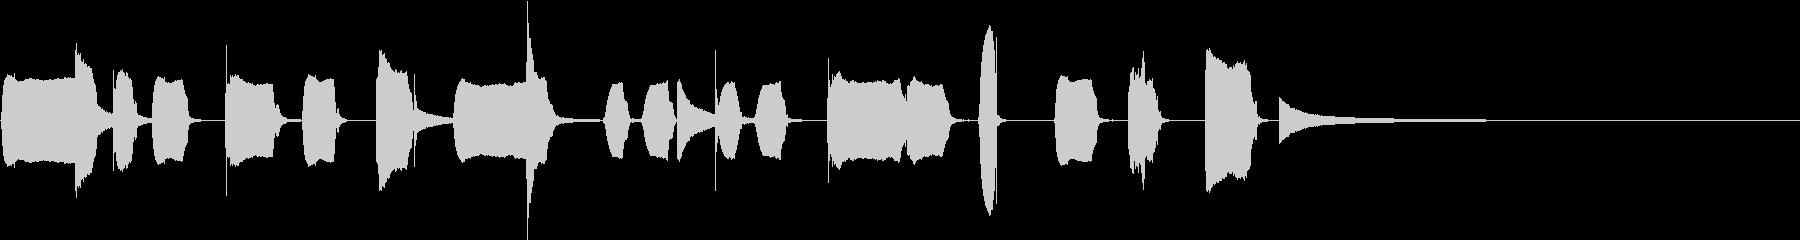 リコーダーと打楽器のとぼけたジングルの未再生の波形